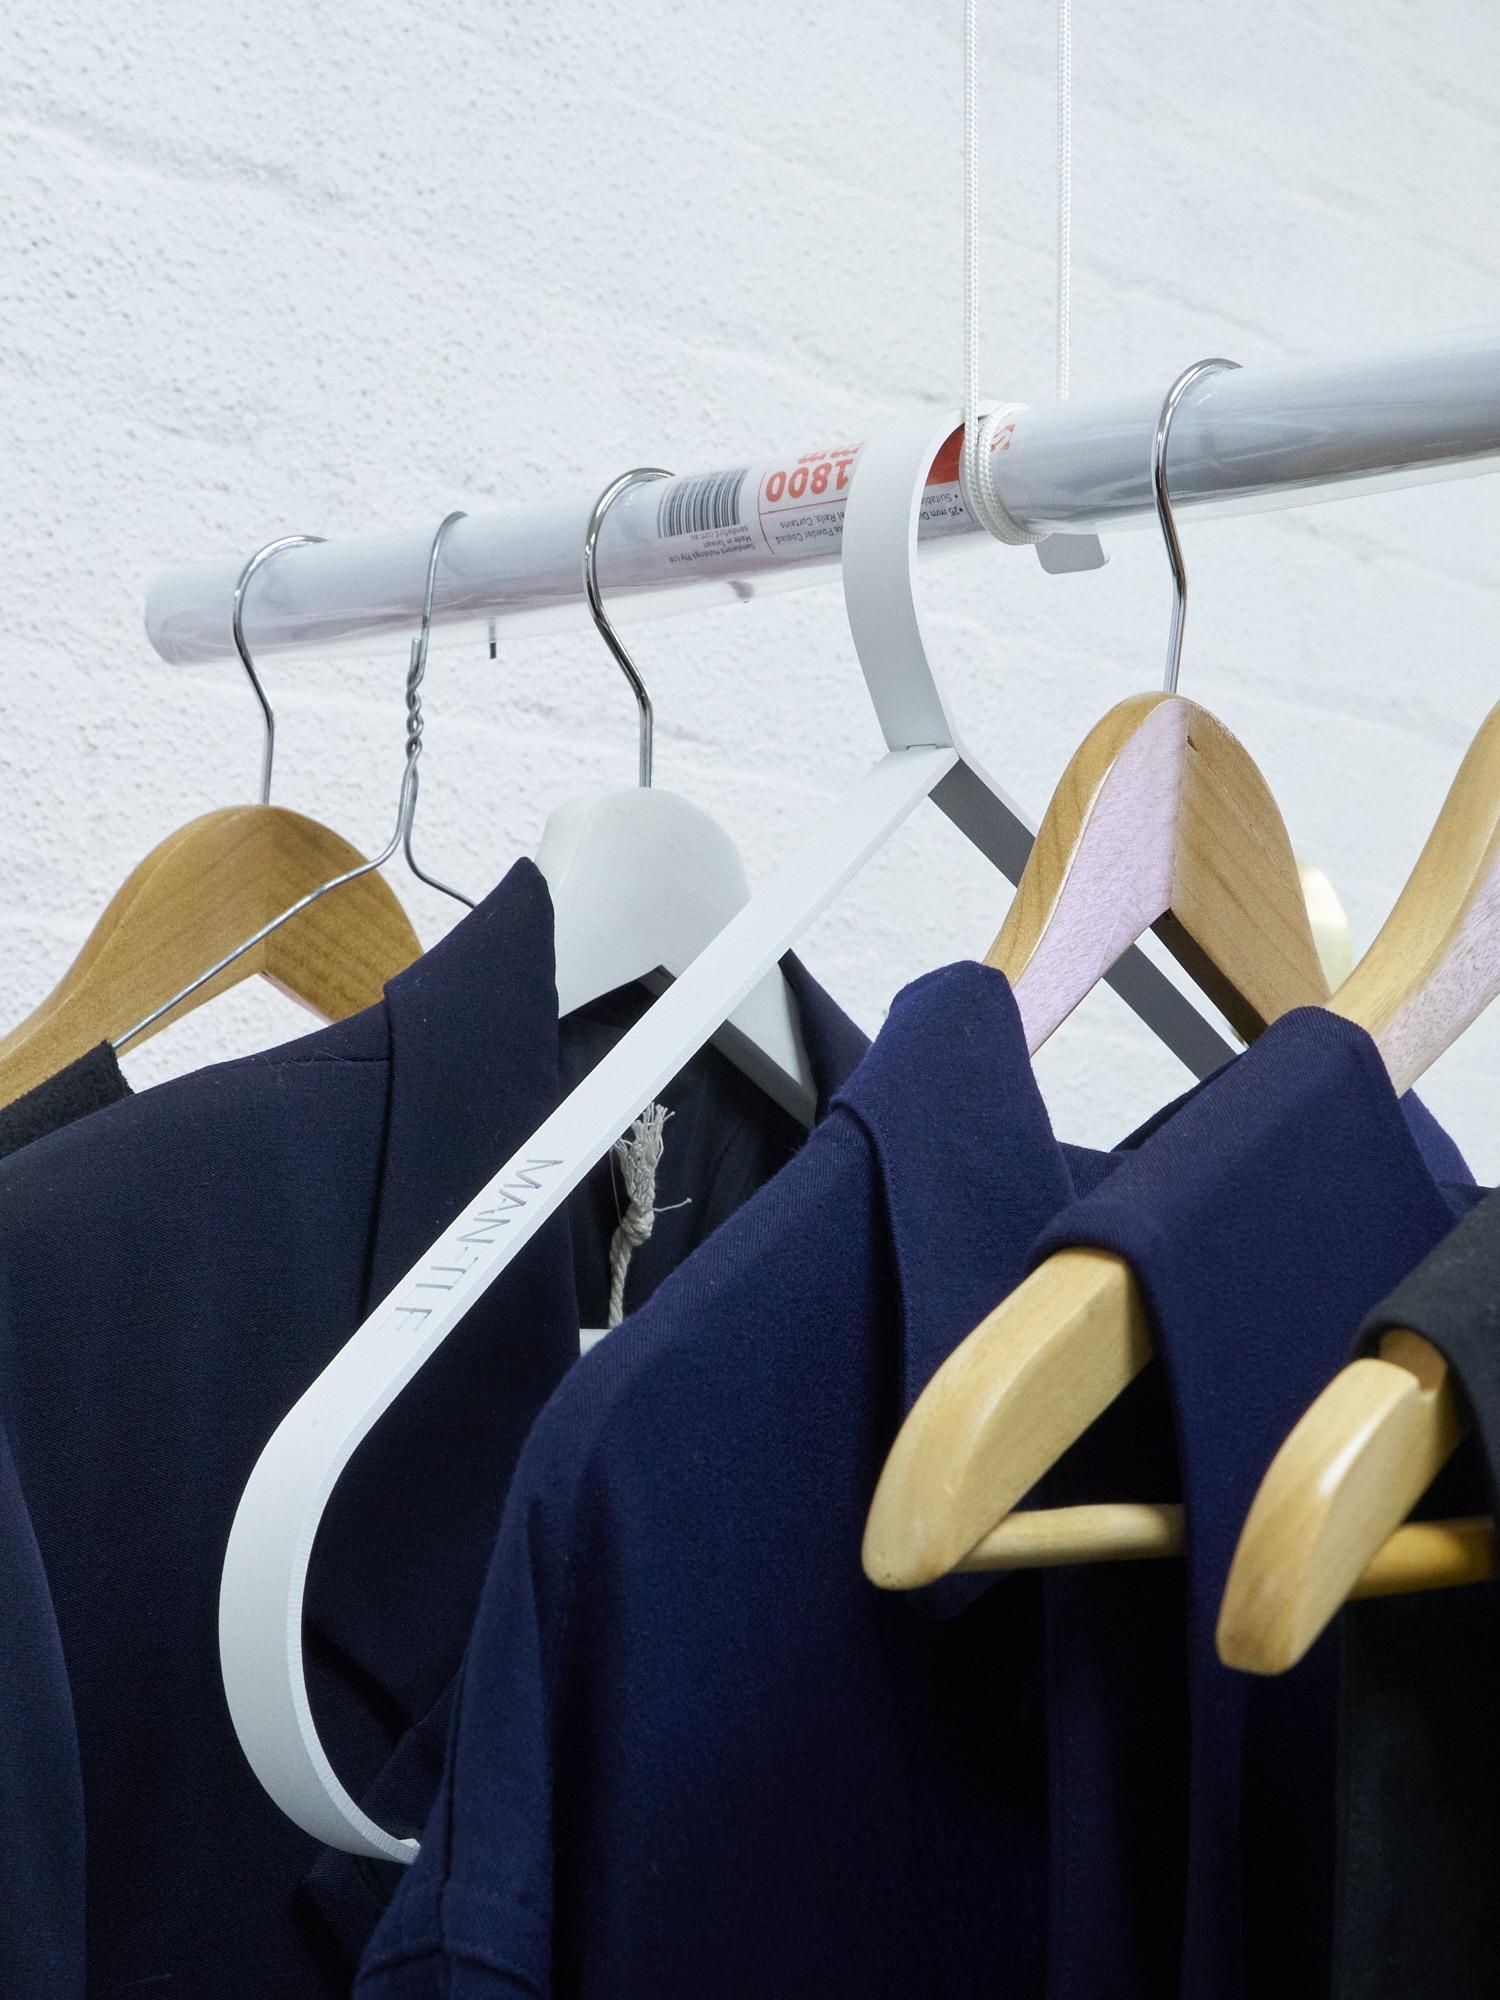 20190408_A flat shop [hangers exhibition install]_DSC09738.jpg